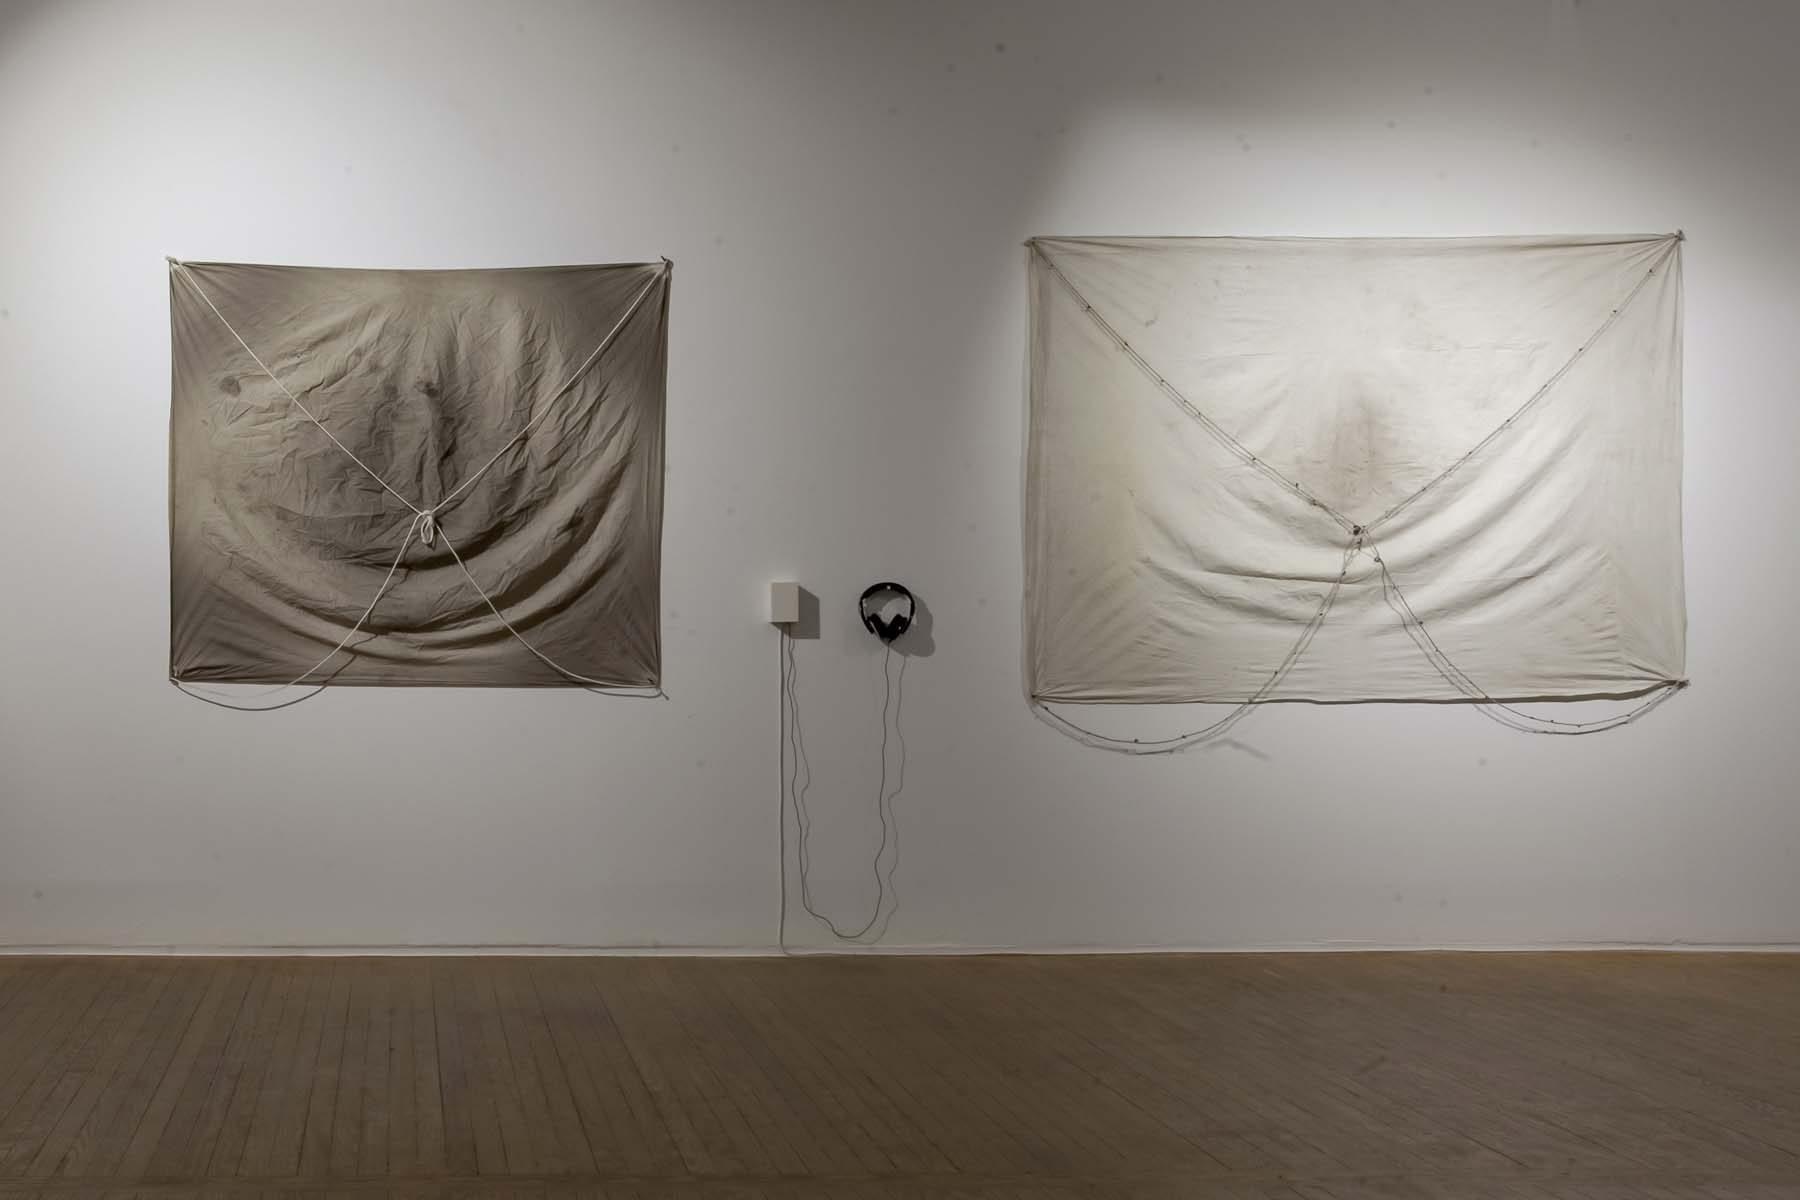 Regina José Galindo, La historia la escriben quienes sobreviven, 2019, exhibition view, Casa de América, Madrid, ph. A. Izquierdo